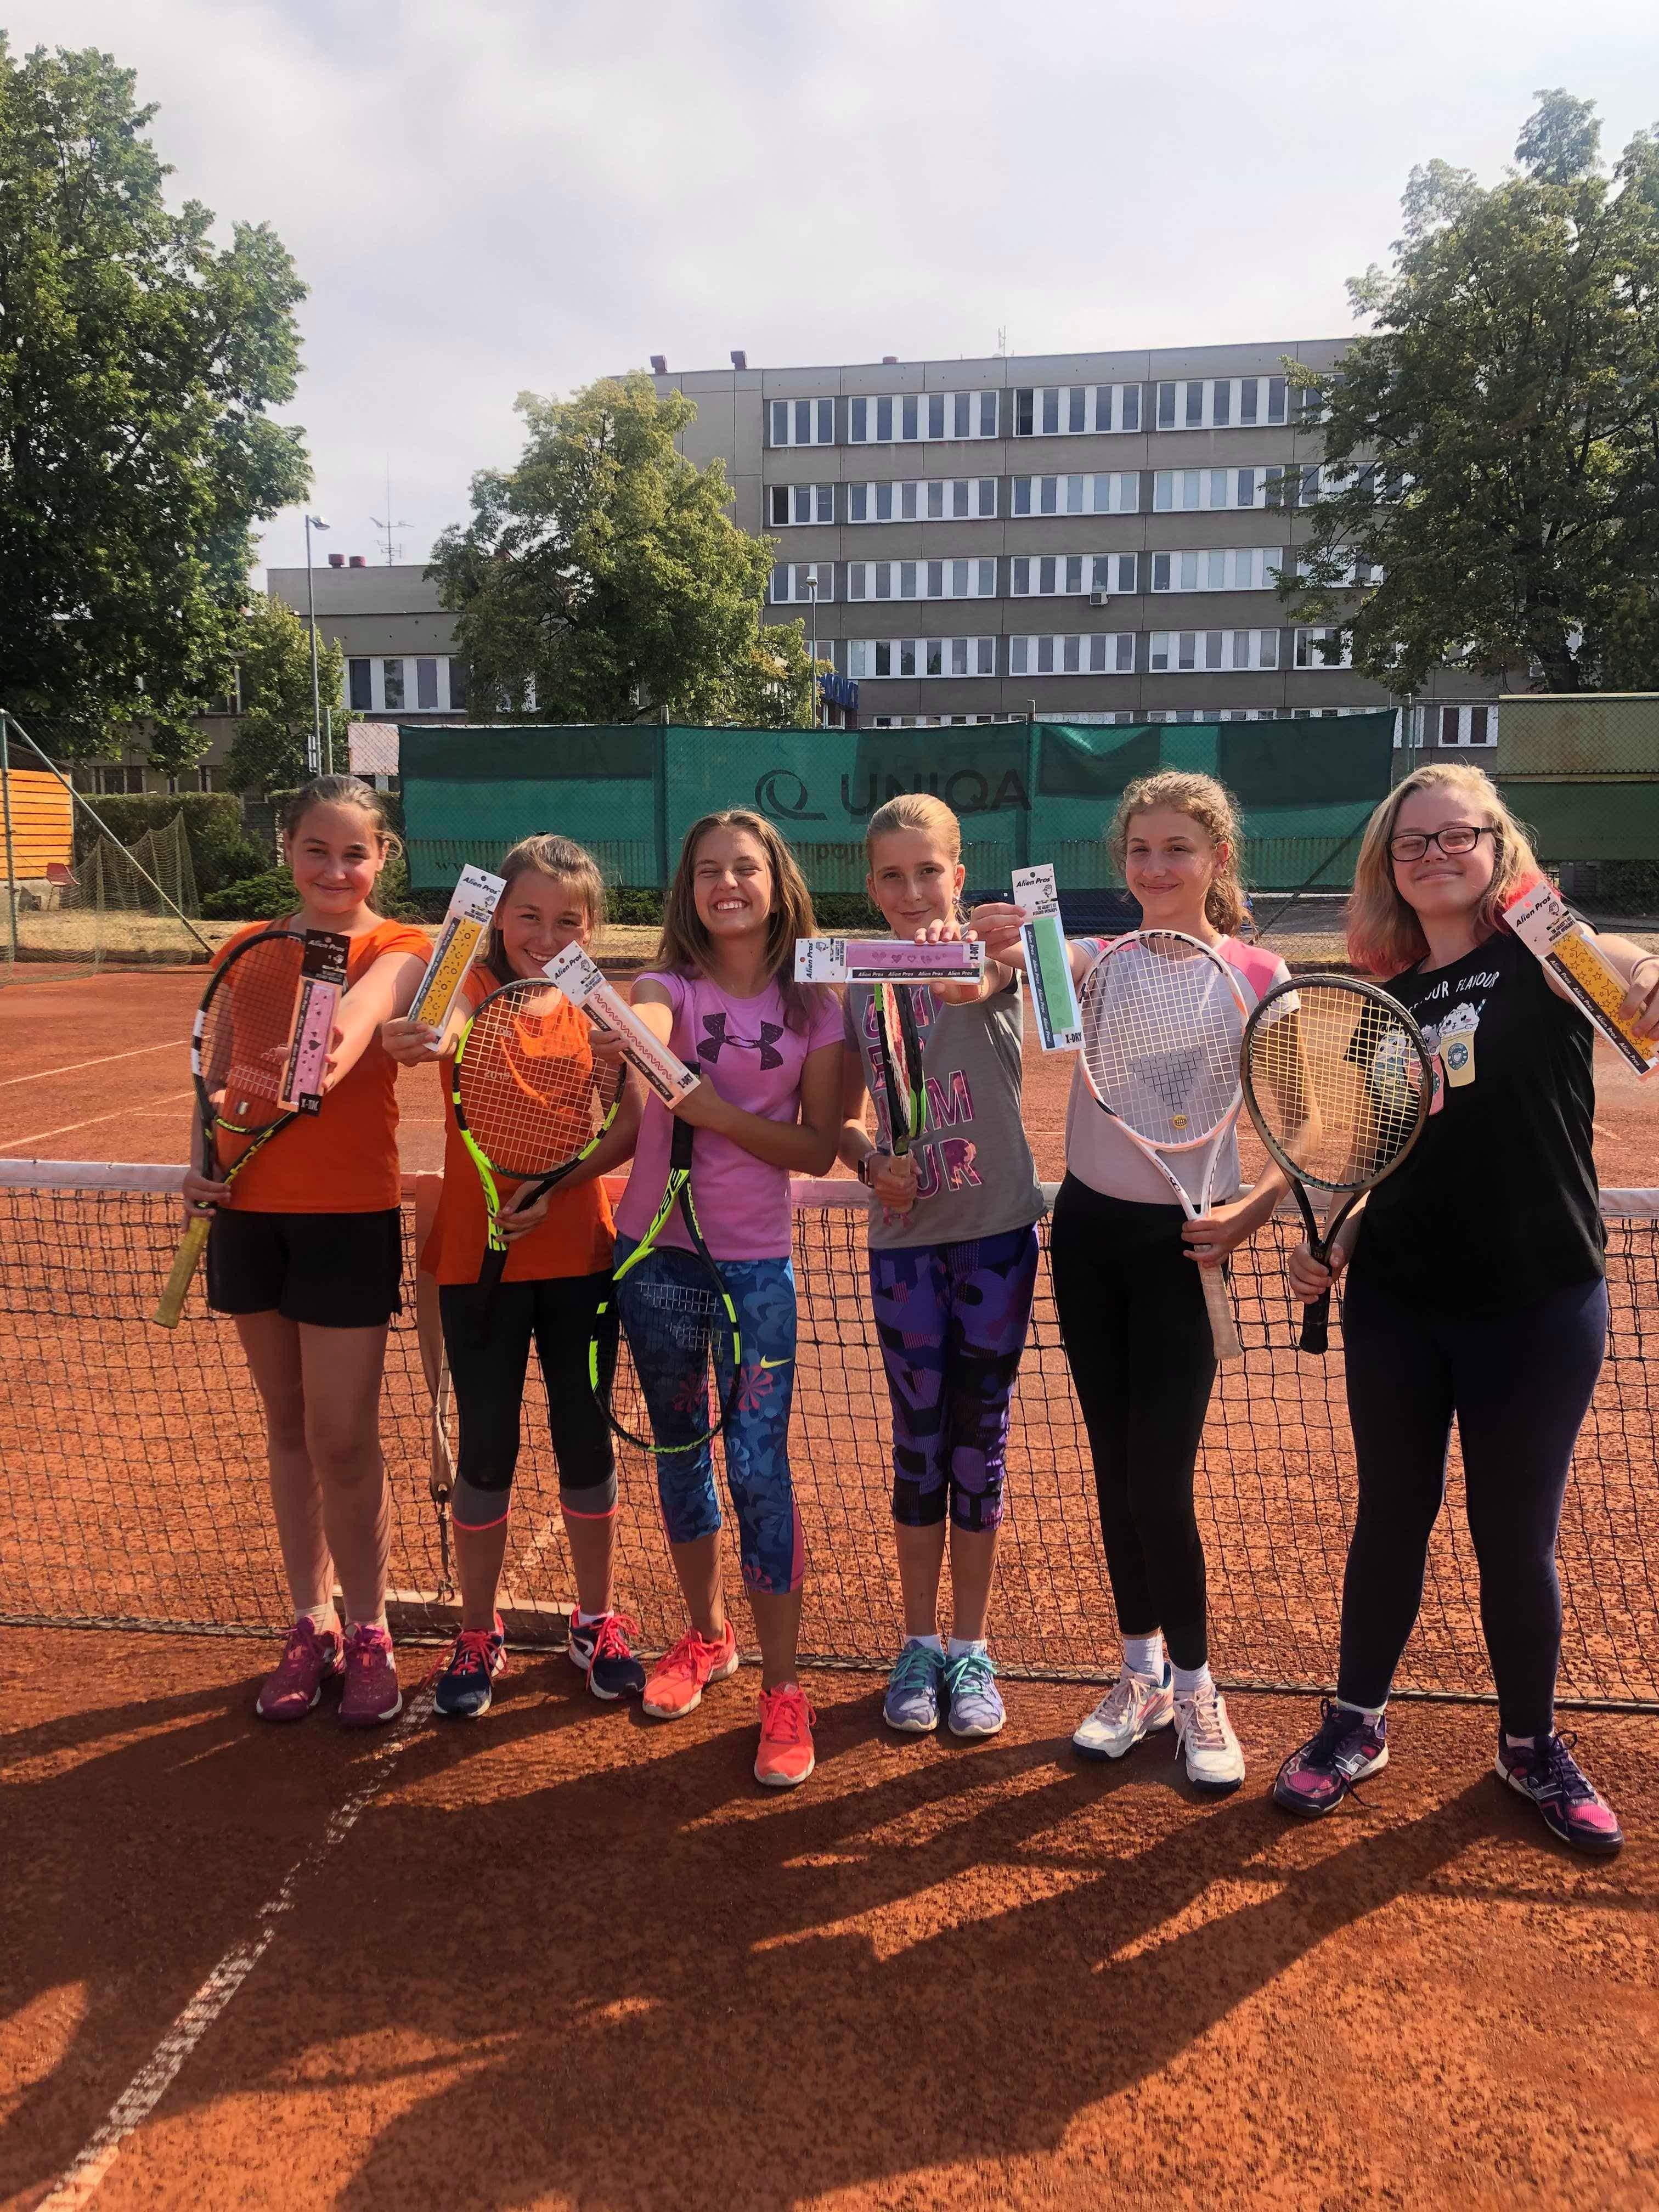 Podporujeme dětské tenisové kempy v Roudnici nad Labem